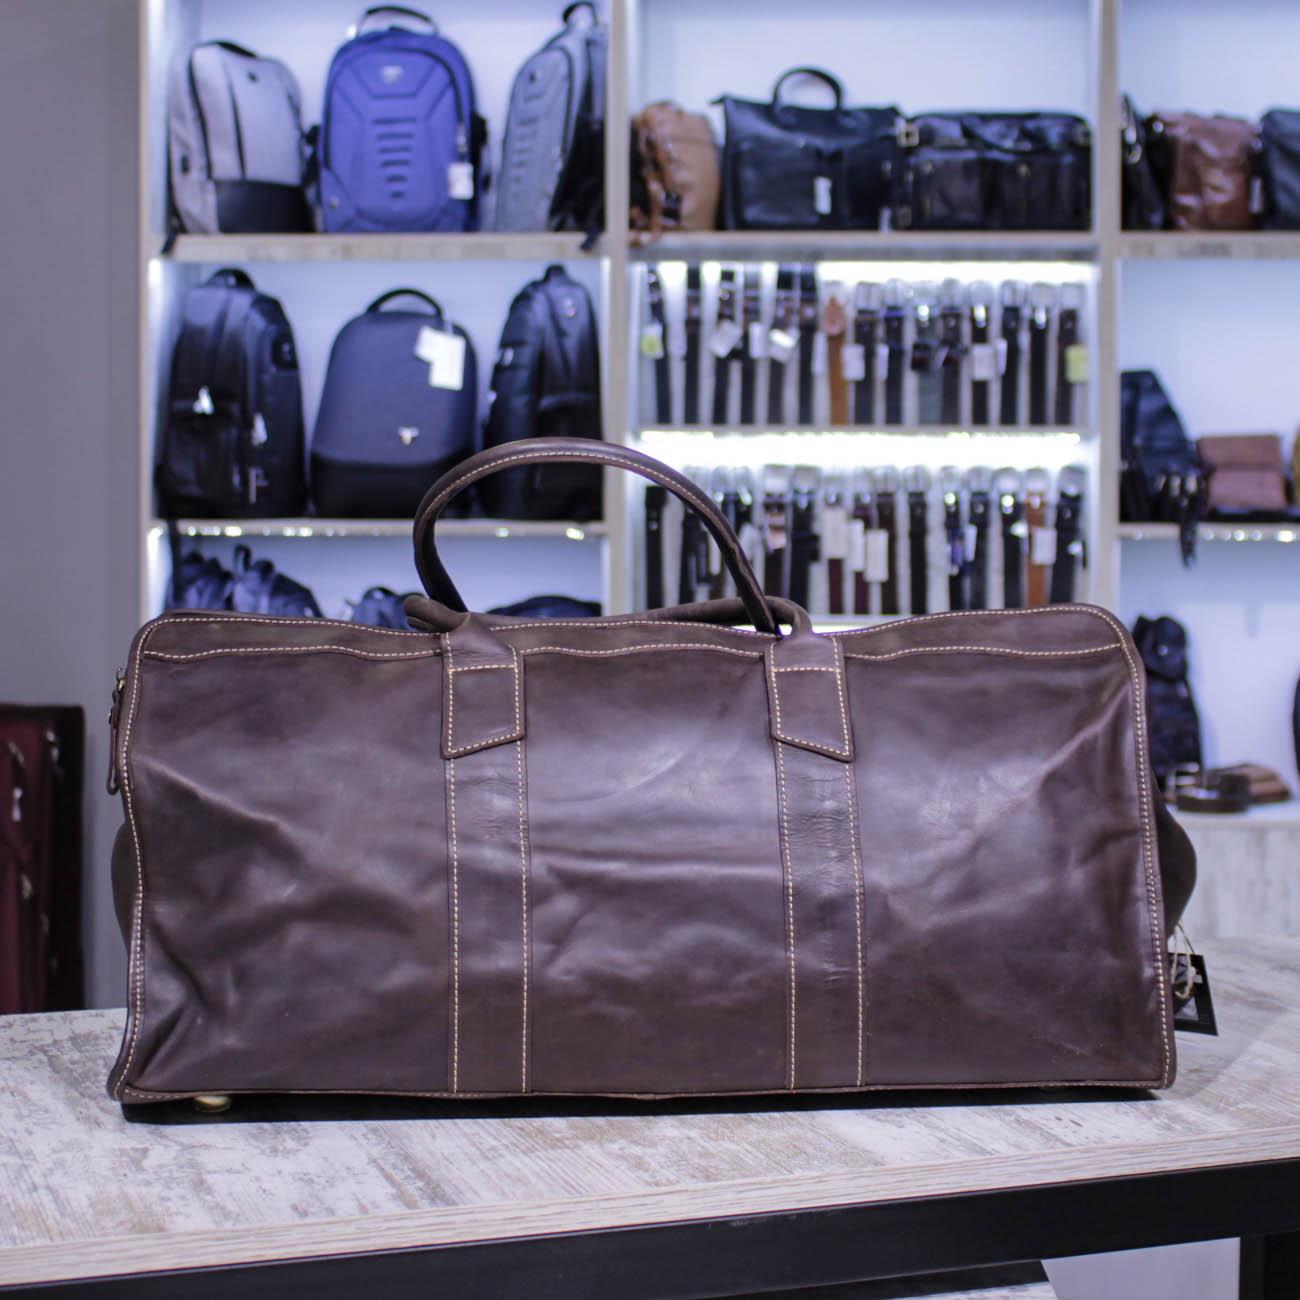 Кожаные дорожные сумки: альтернатива чемодану